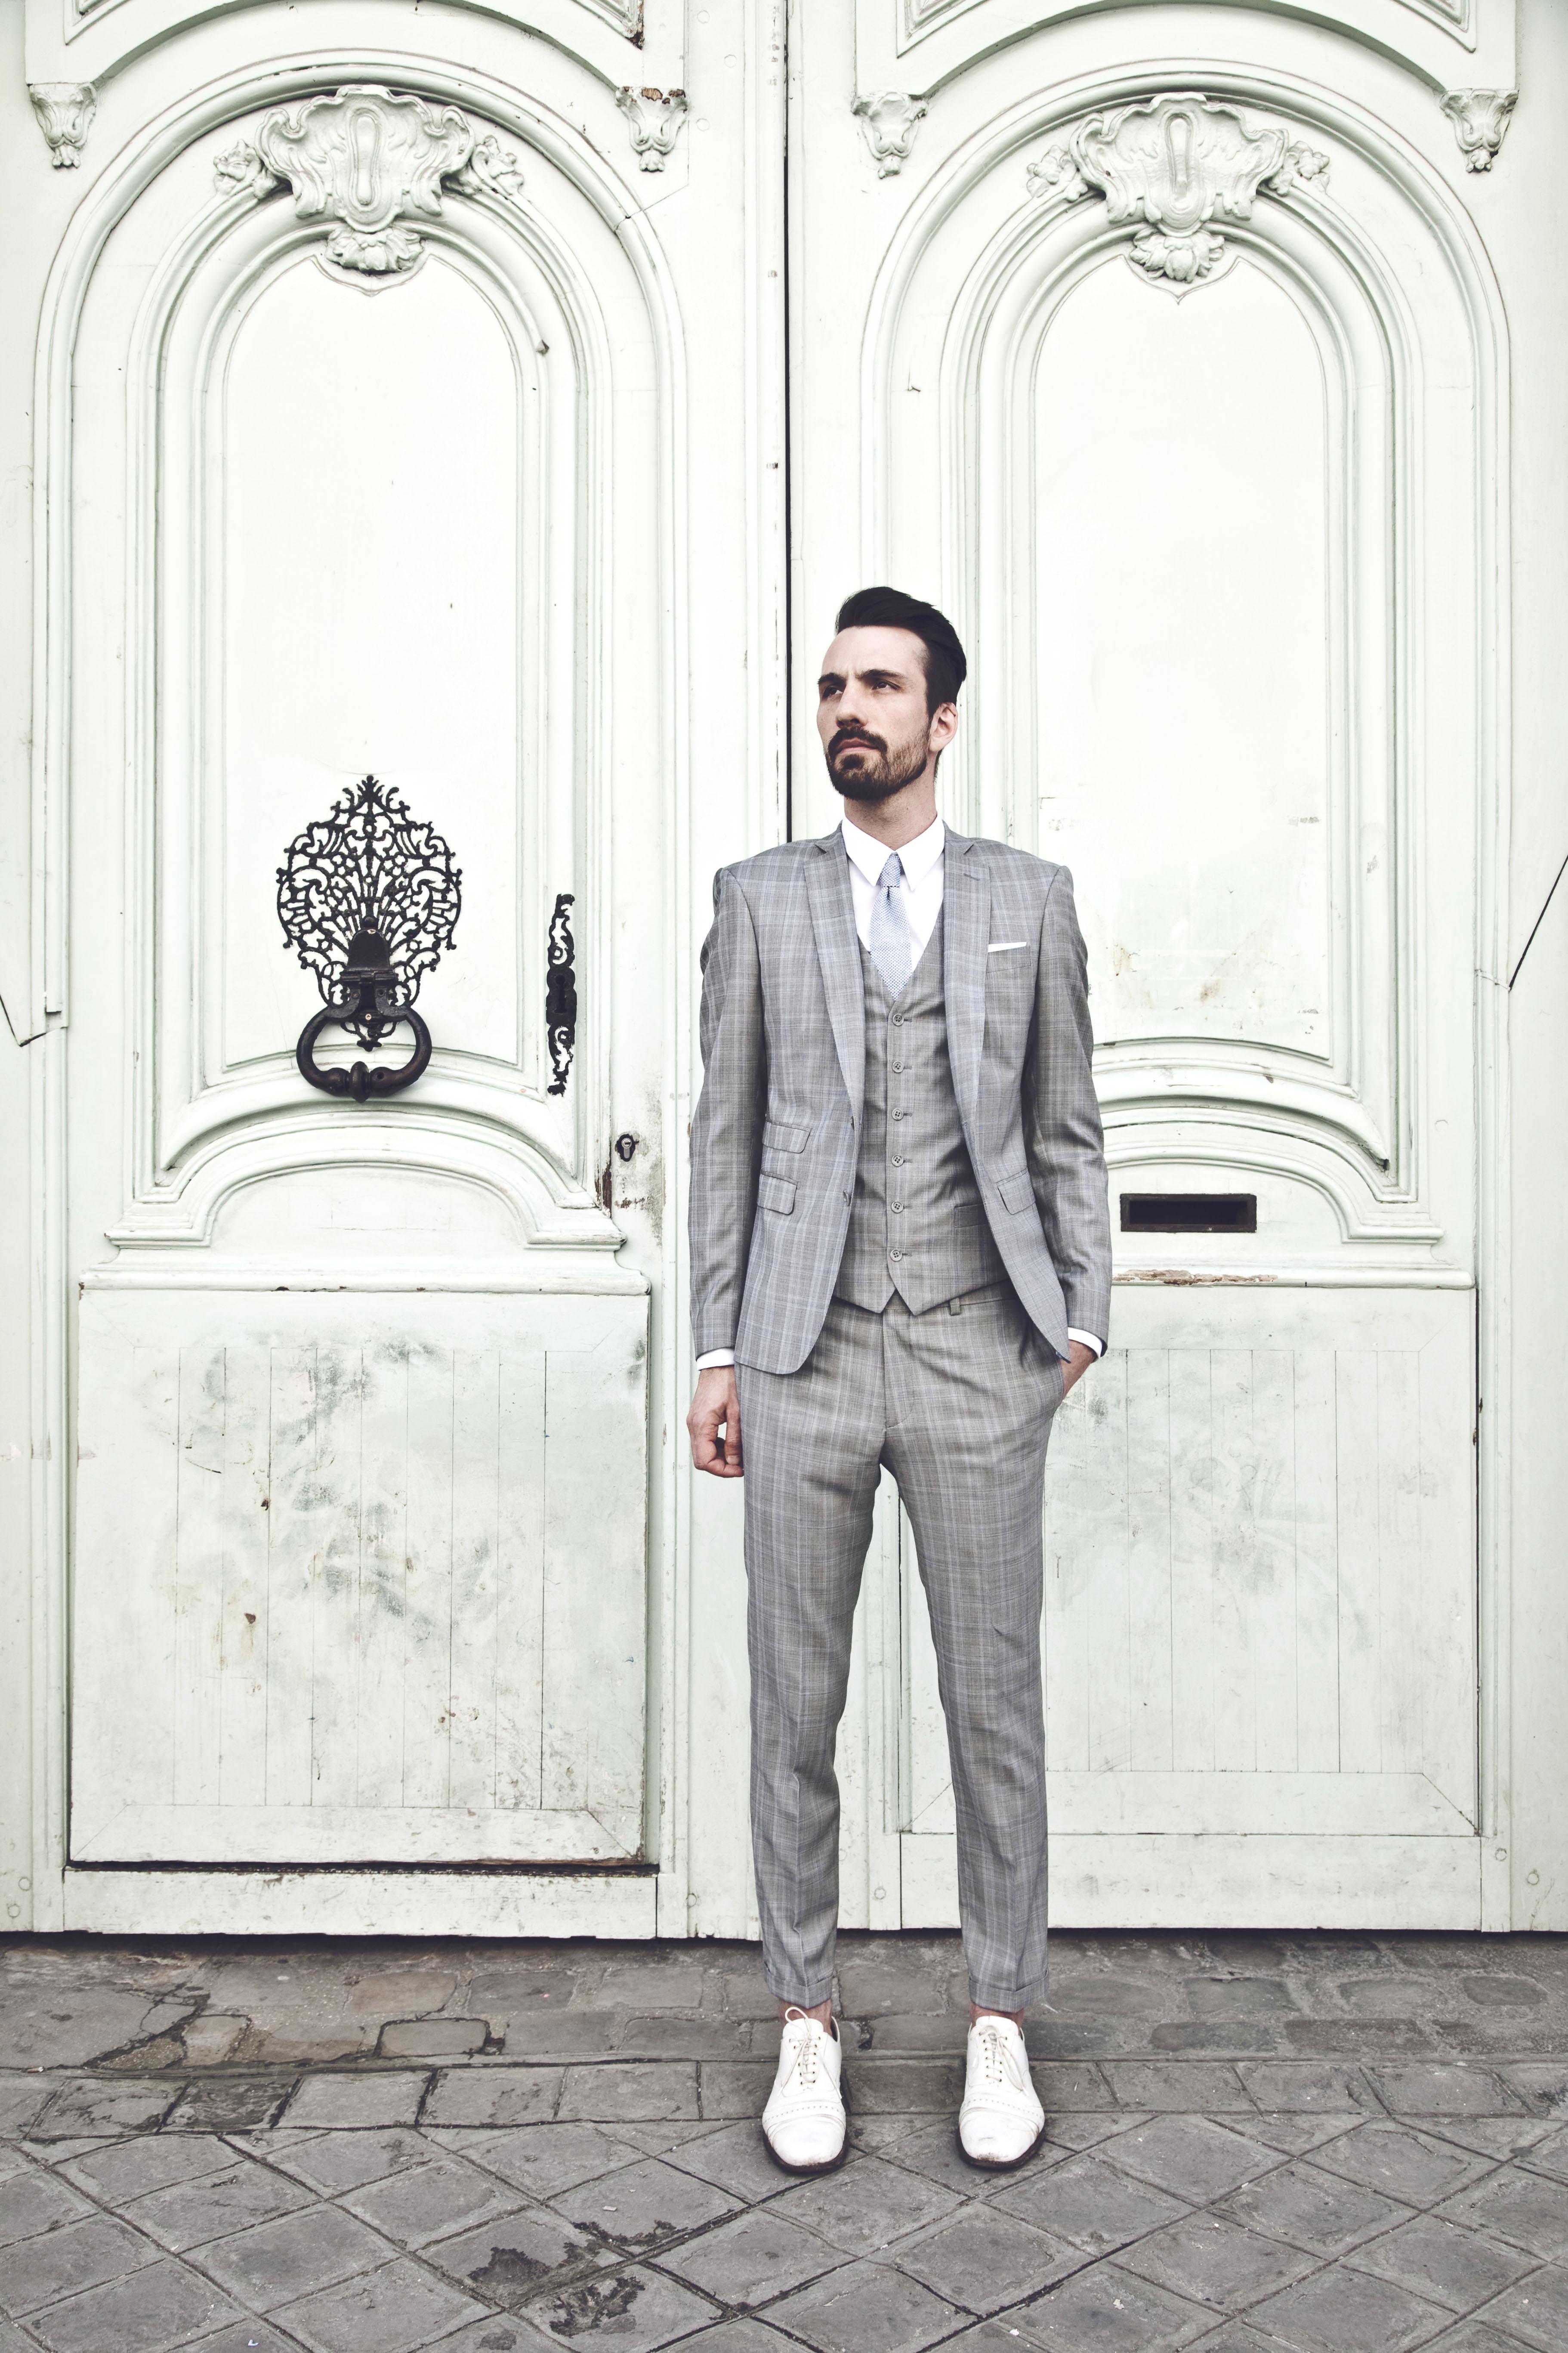 L'apiéceur sur mesure | Costumes sur-mesure | Costume sur-mesure en Prince de Galles, gris clair | Blog Mariage | La Mariée Sous Les Etoiles